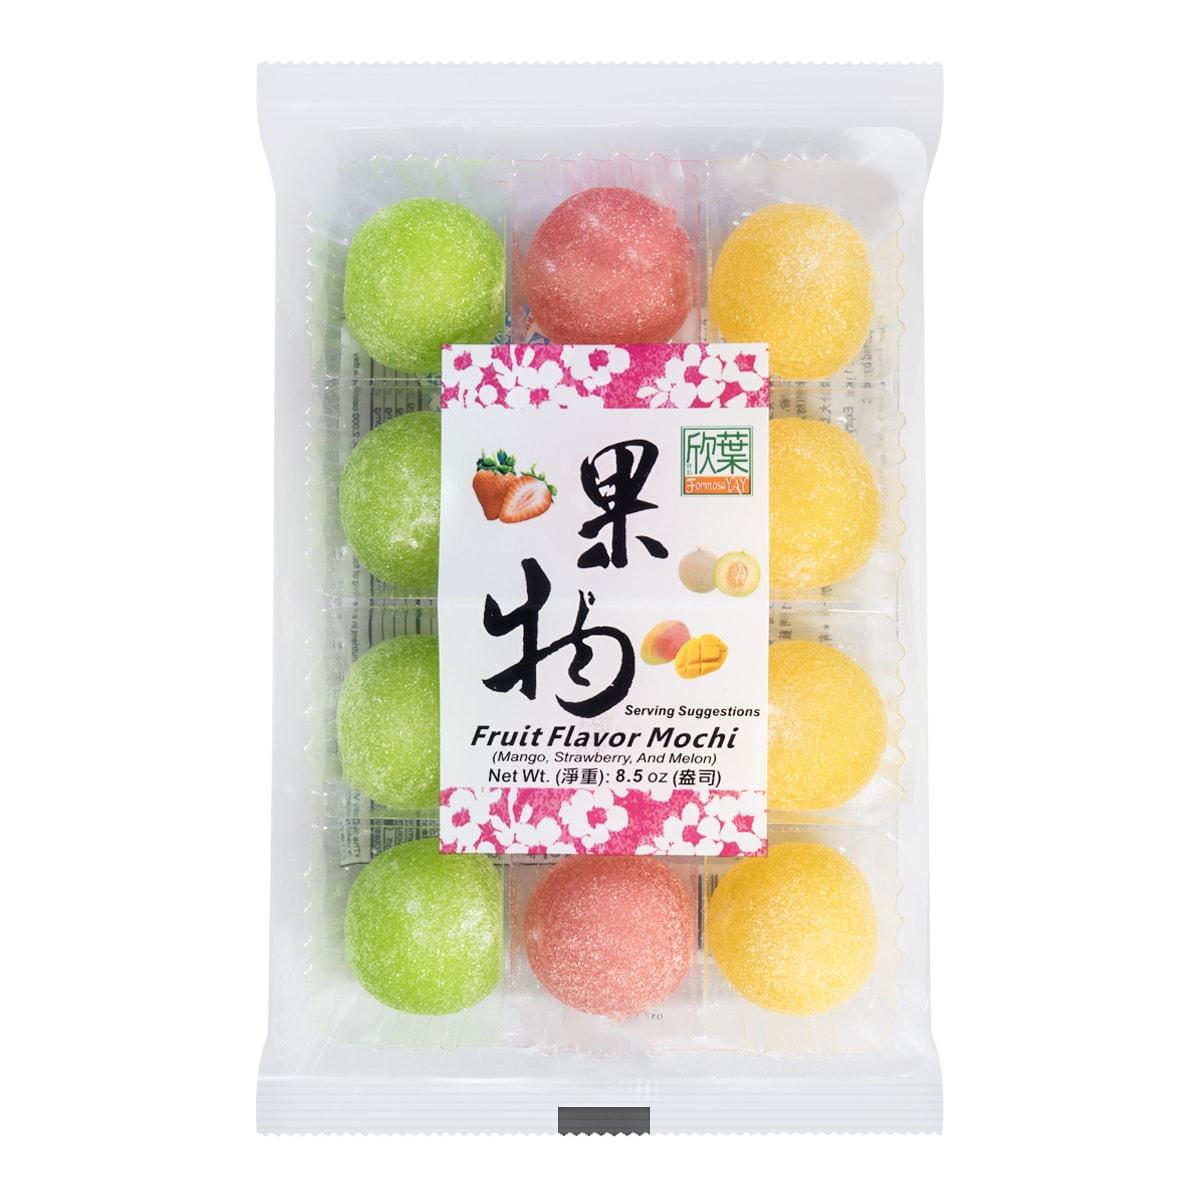 台湾欣叶 果物麻薯  哈密瓜味/草莓味/芒果味   240g